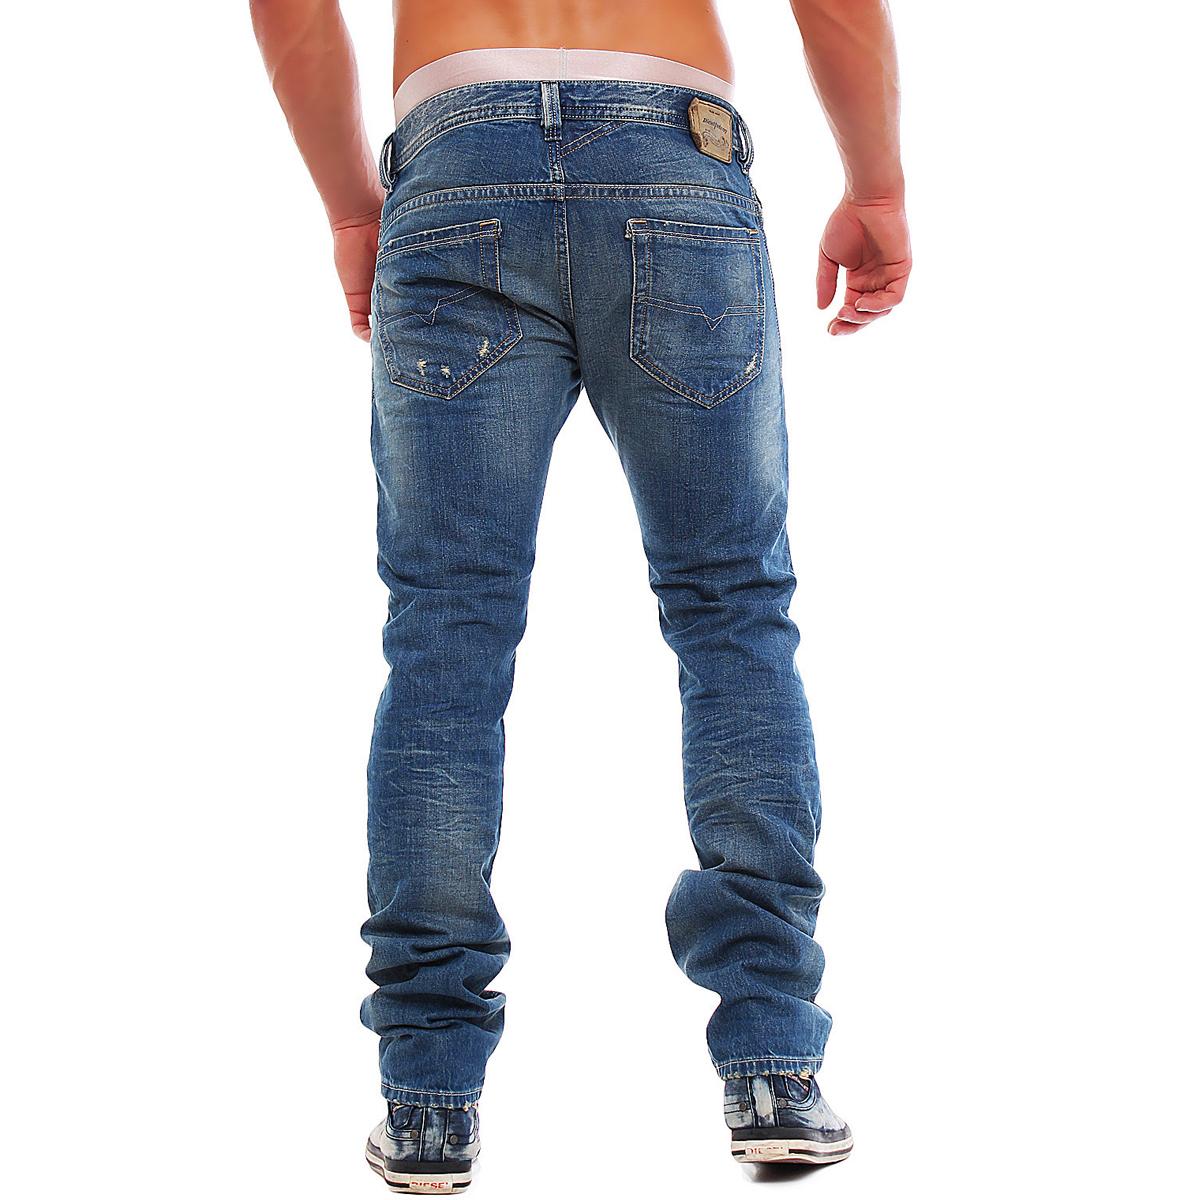 Diesel Jeans Thavar 0806P Slim Skinny 3D Evolution Technology   eBay 91382b0e91